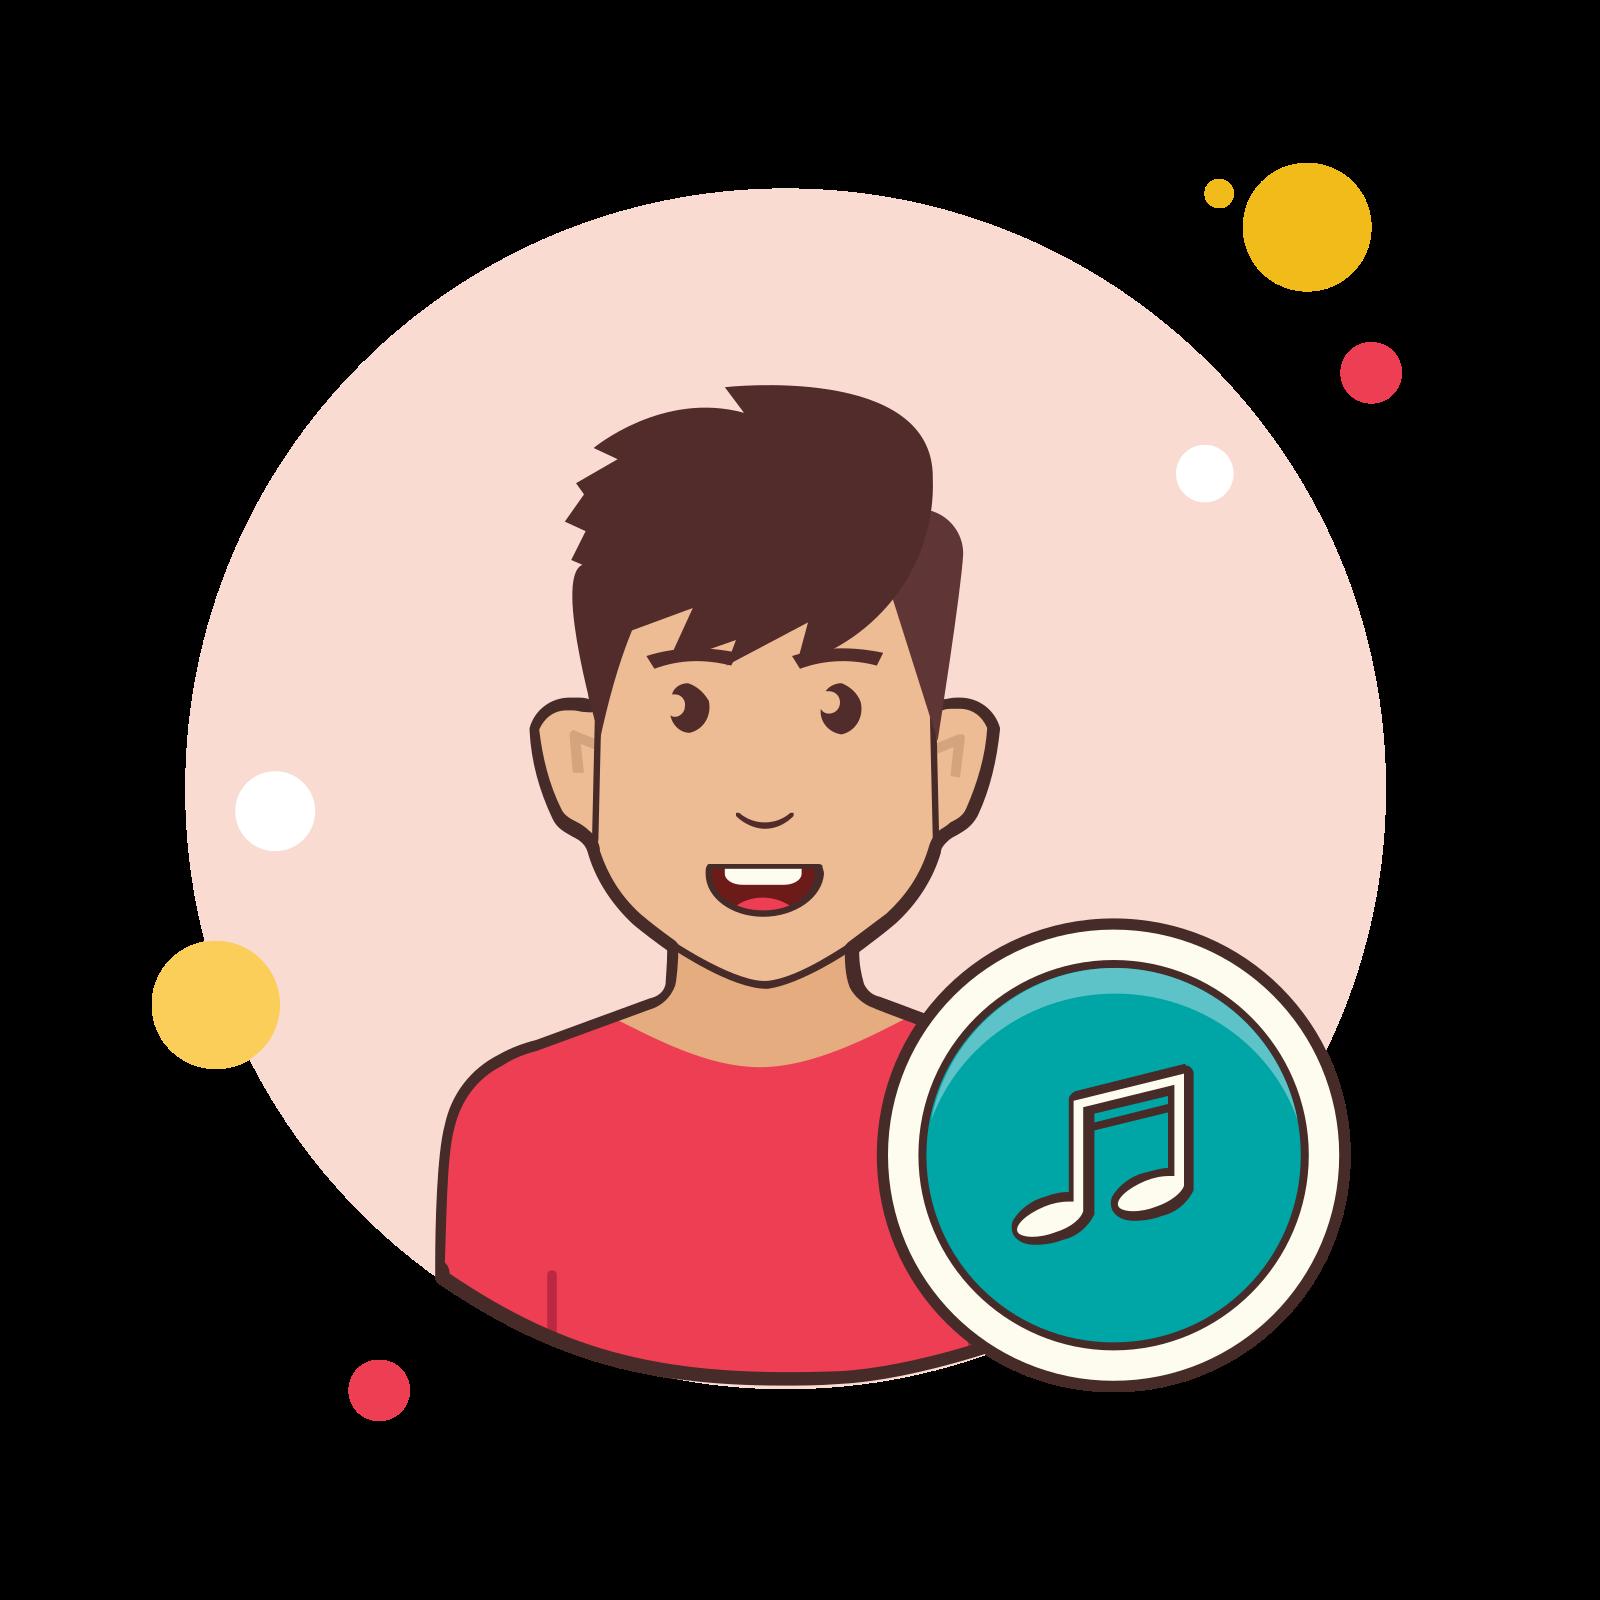 Musician male icon